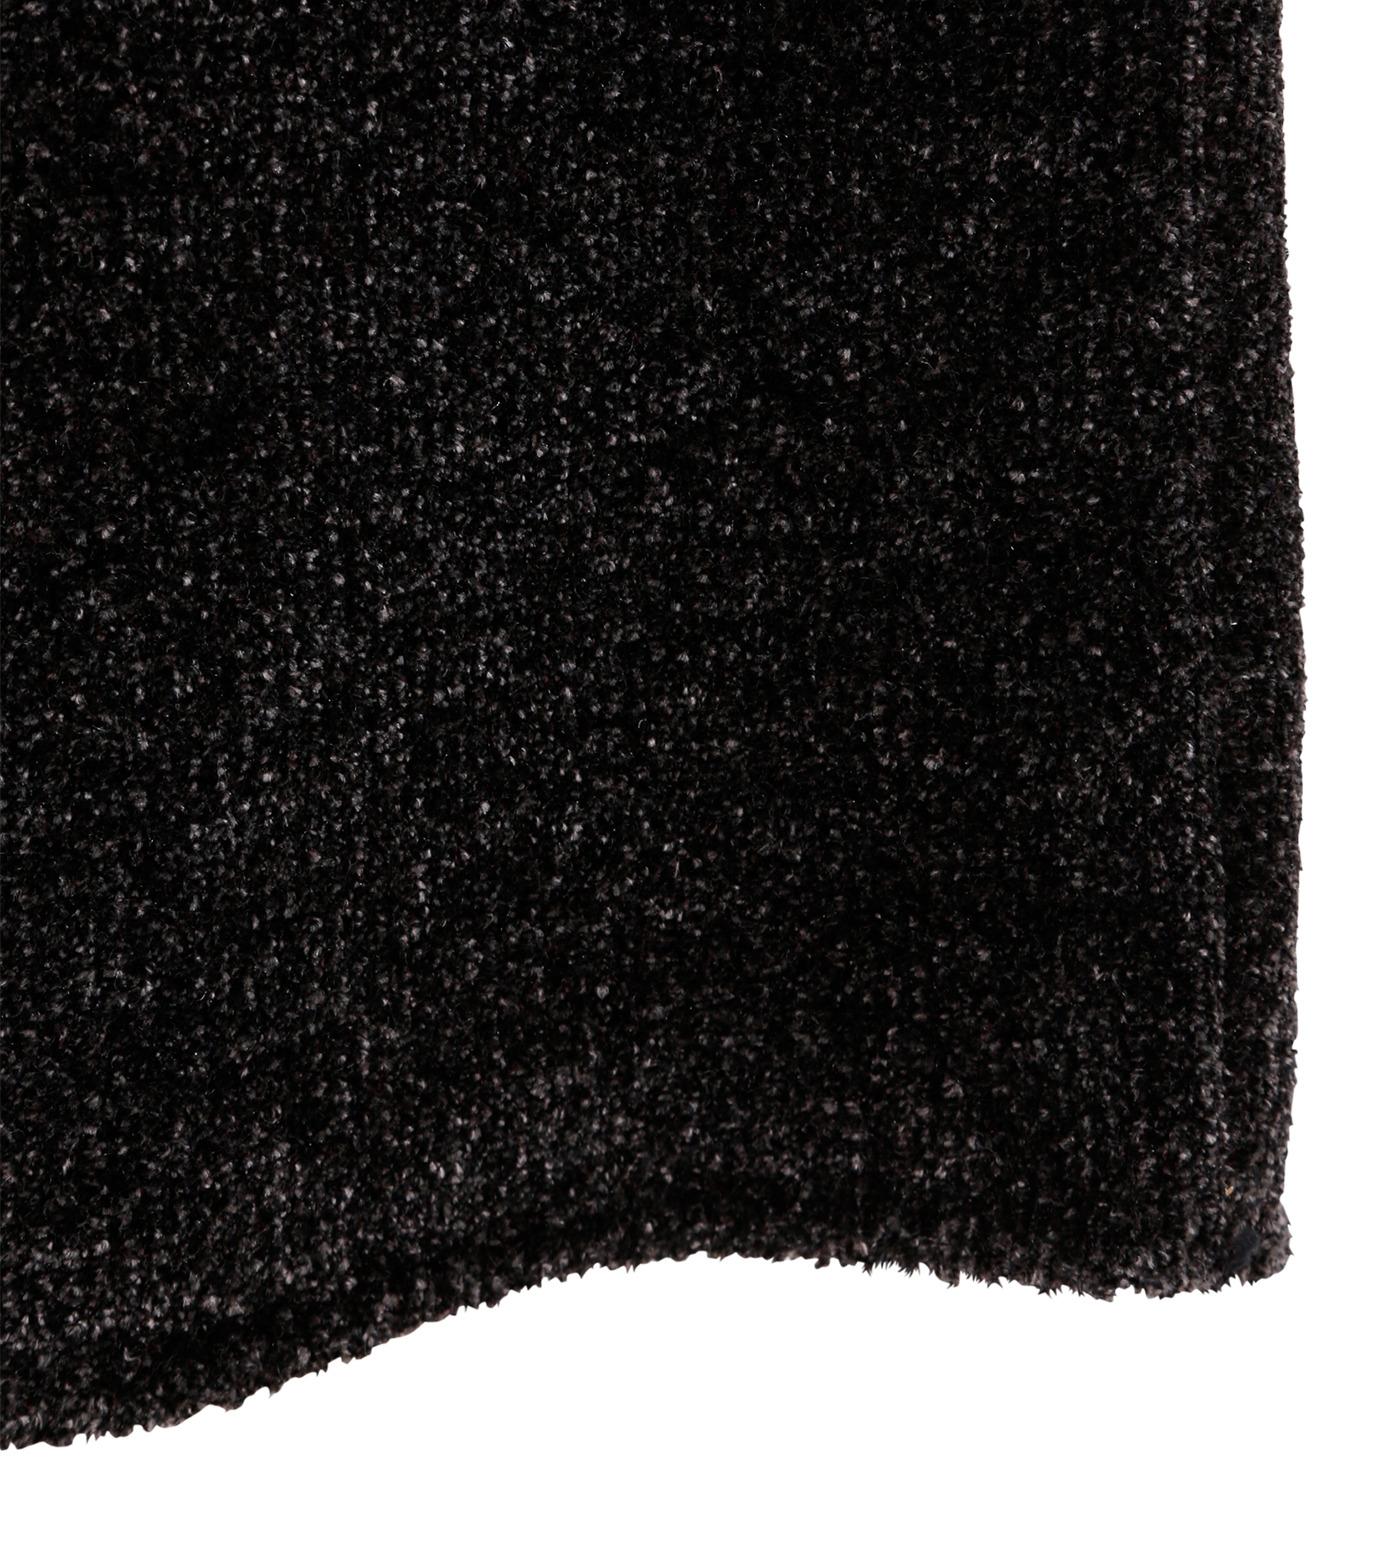 IRENE(アイレネ)のシルクワイドパンツ-CHARCHOL GRAY(パンツ/pants)-18A88004 拡大詳細画像5